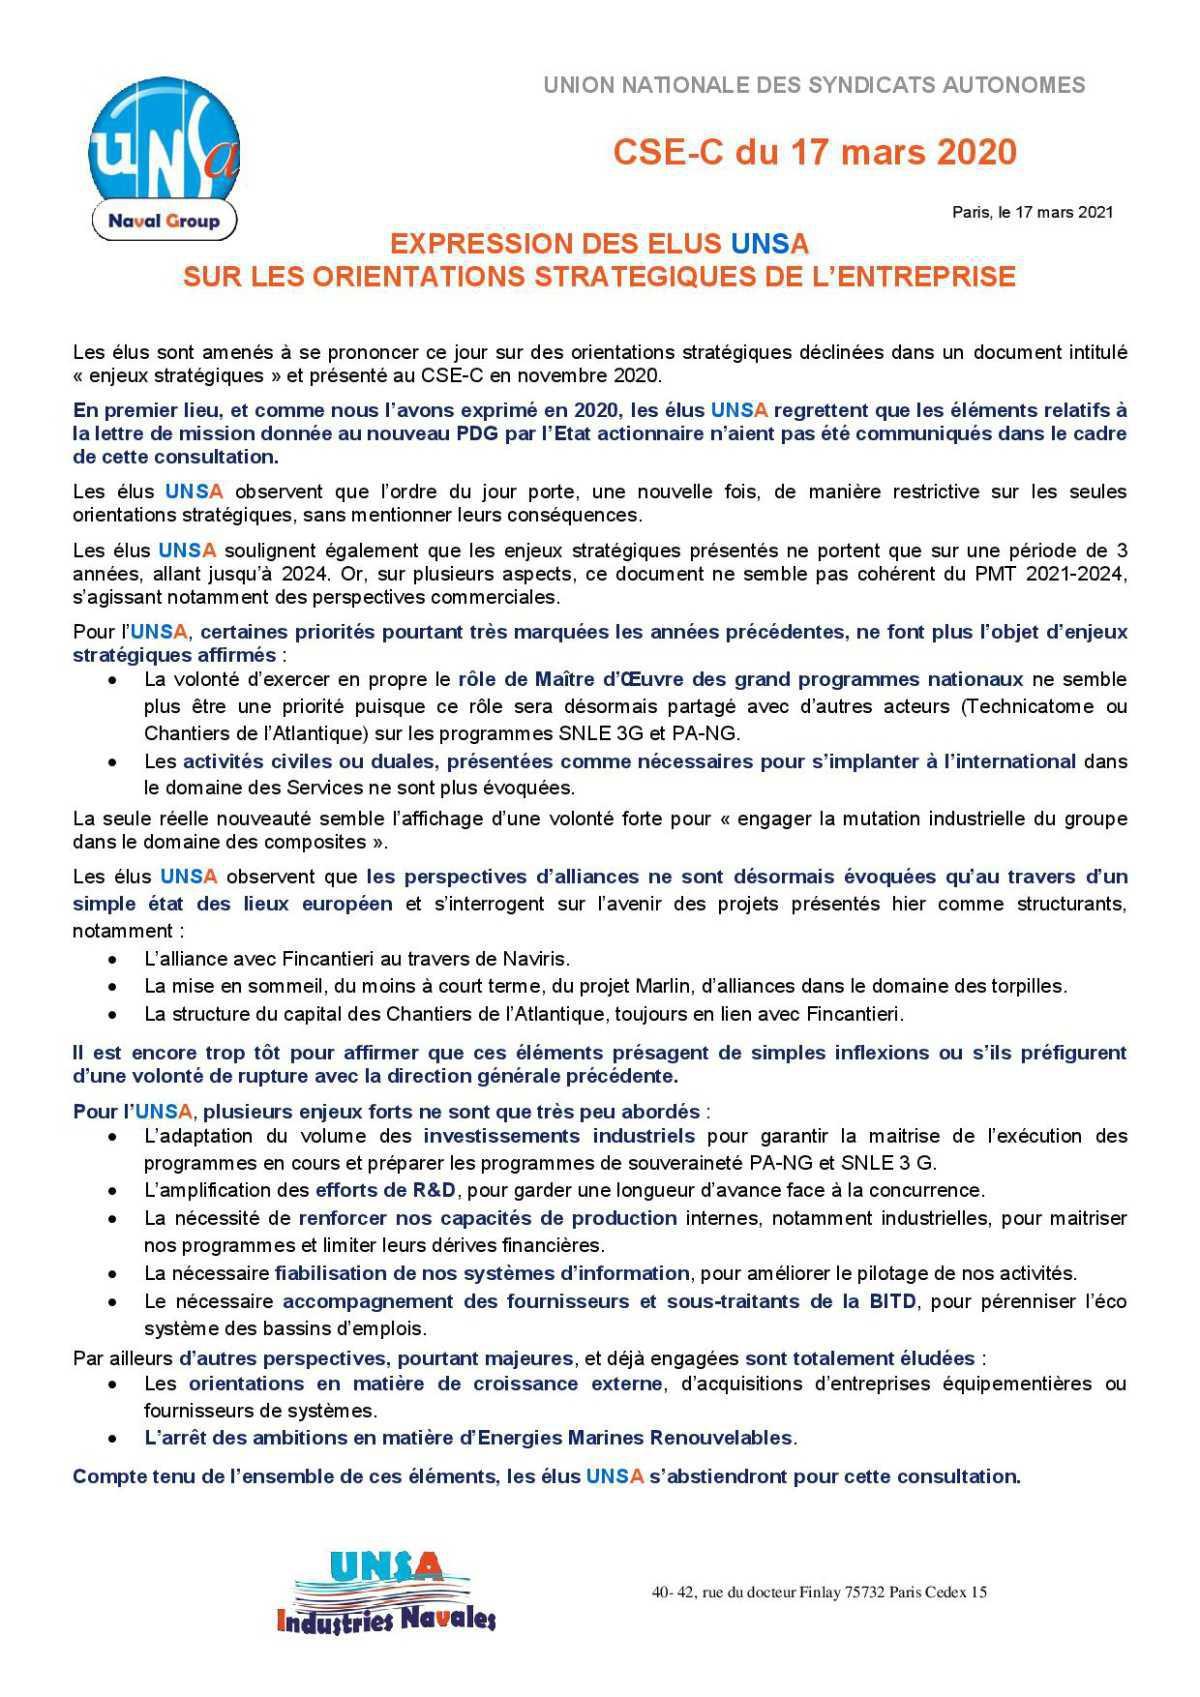 Réunion du 17 mars 2021 -Expression des élus